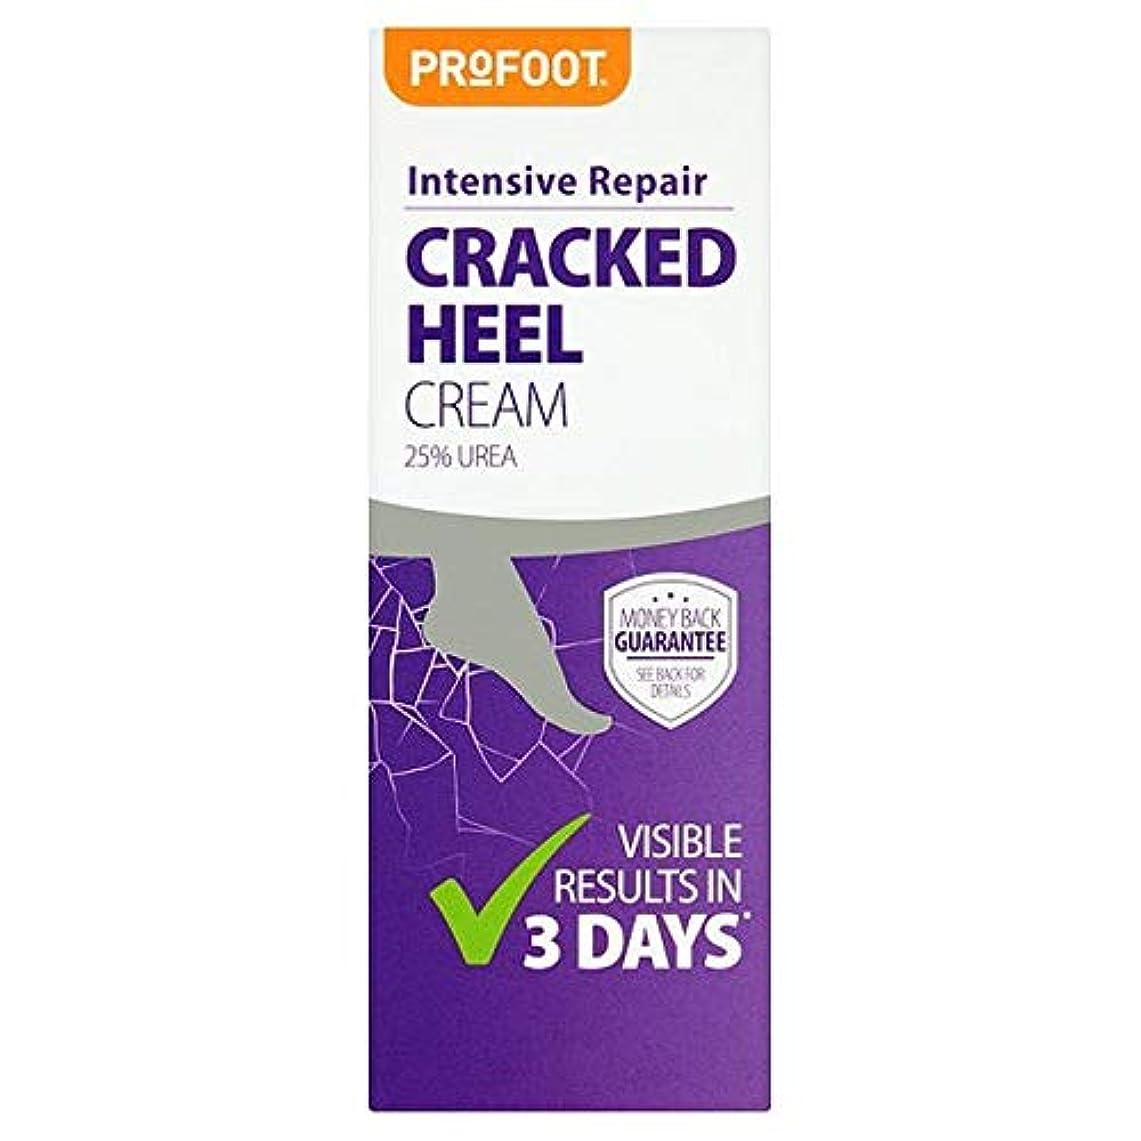 感じる弱点定規[Profoot] Profootひび割れかかとクリーム60ミリリットル - Profoot Cracked Heel Cream 60Ml [並行輸入品]